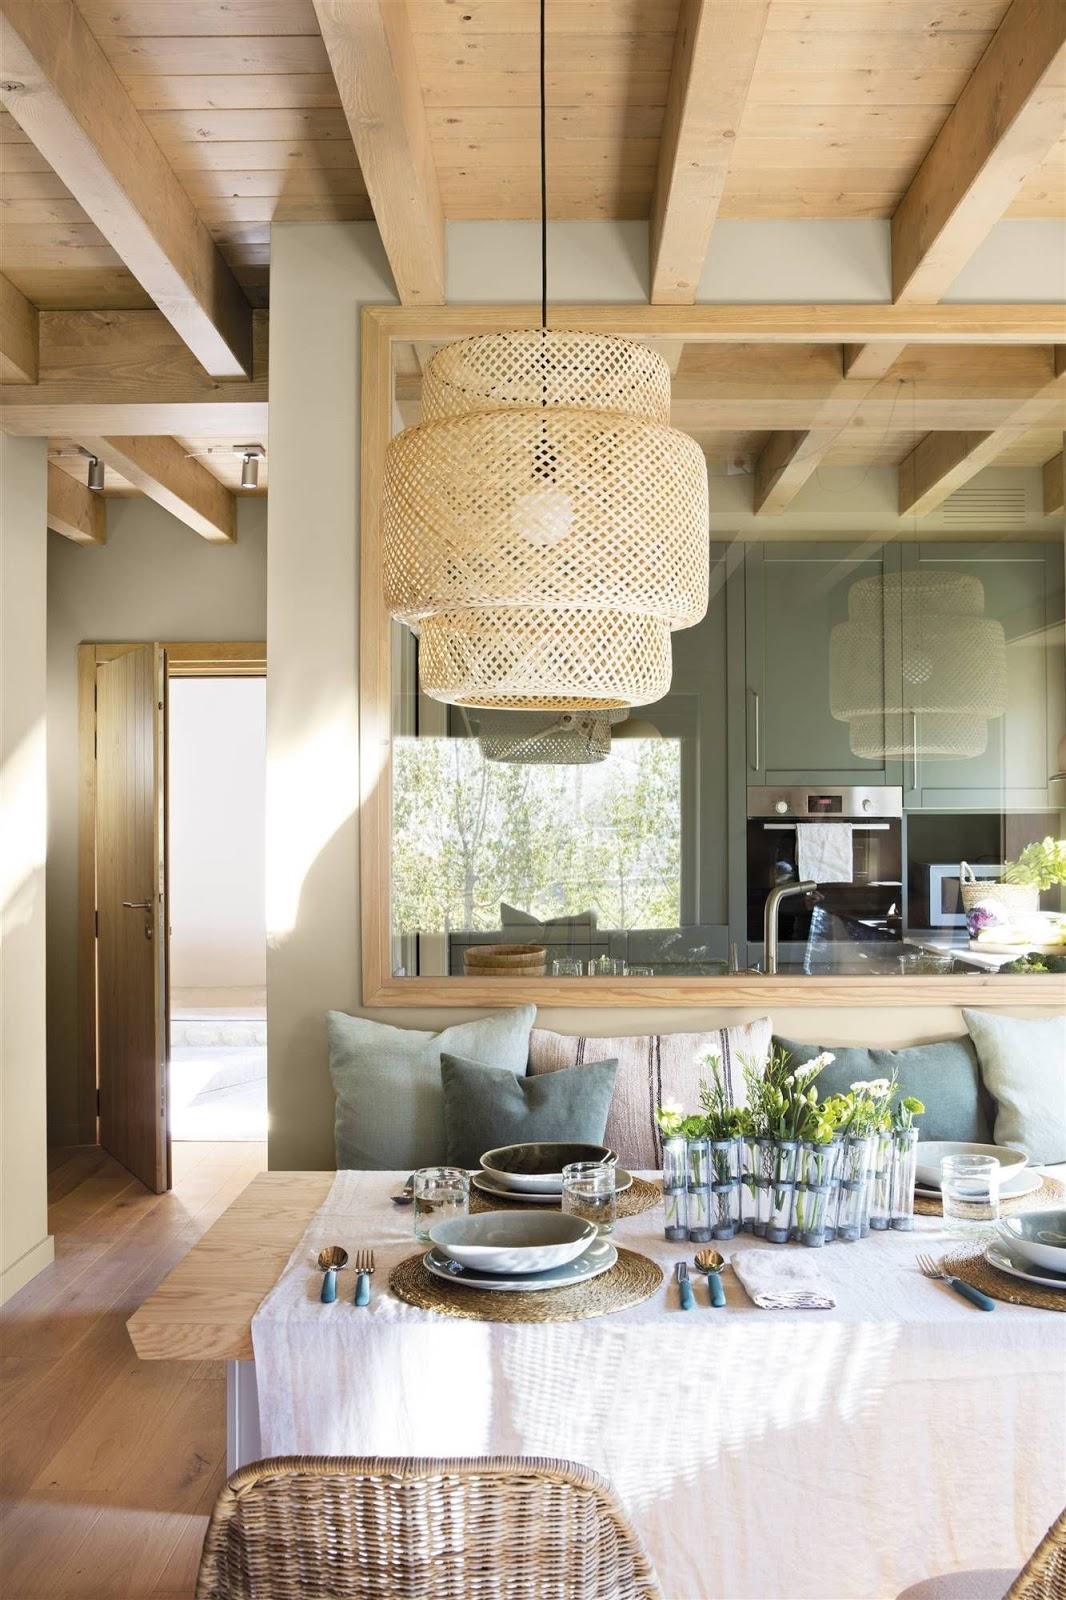 cozinha integrada com elementos naturais